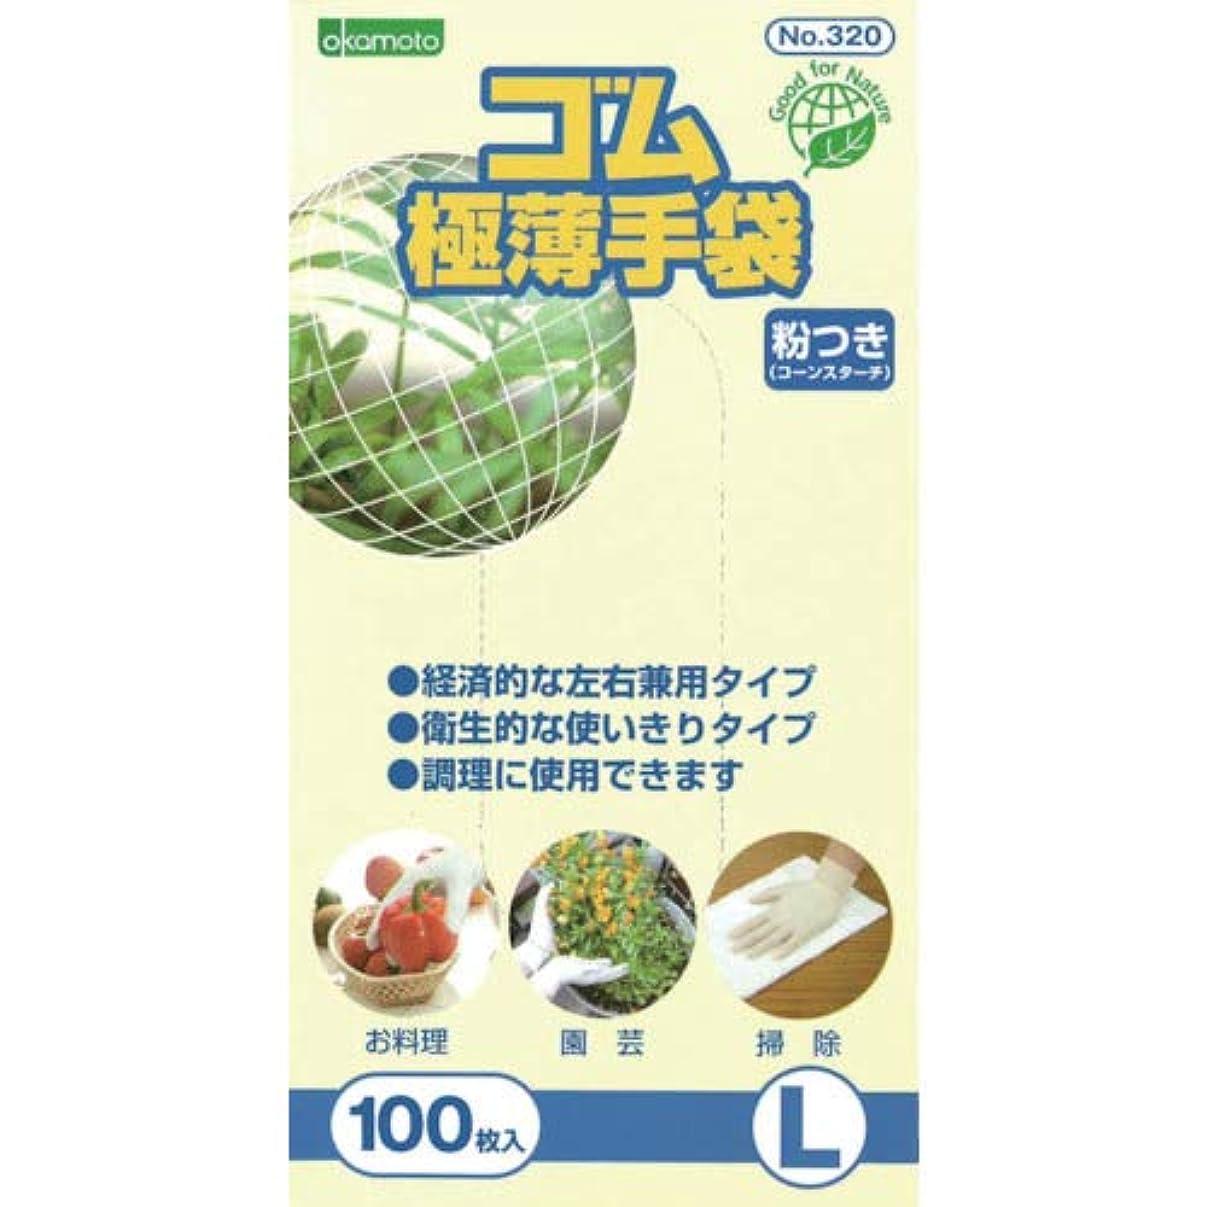 蚊バクテリア憂鬱なオカモト ゴム手袋 粉付き (L)